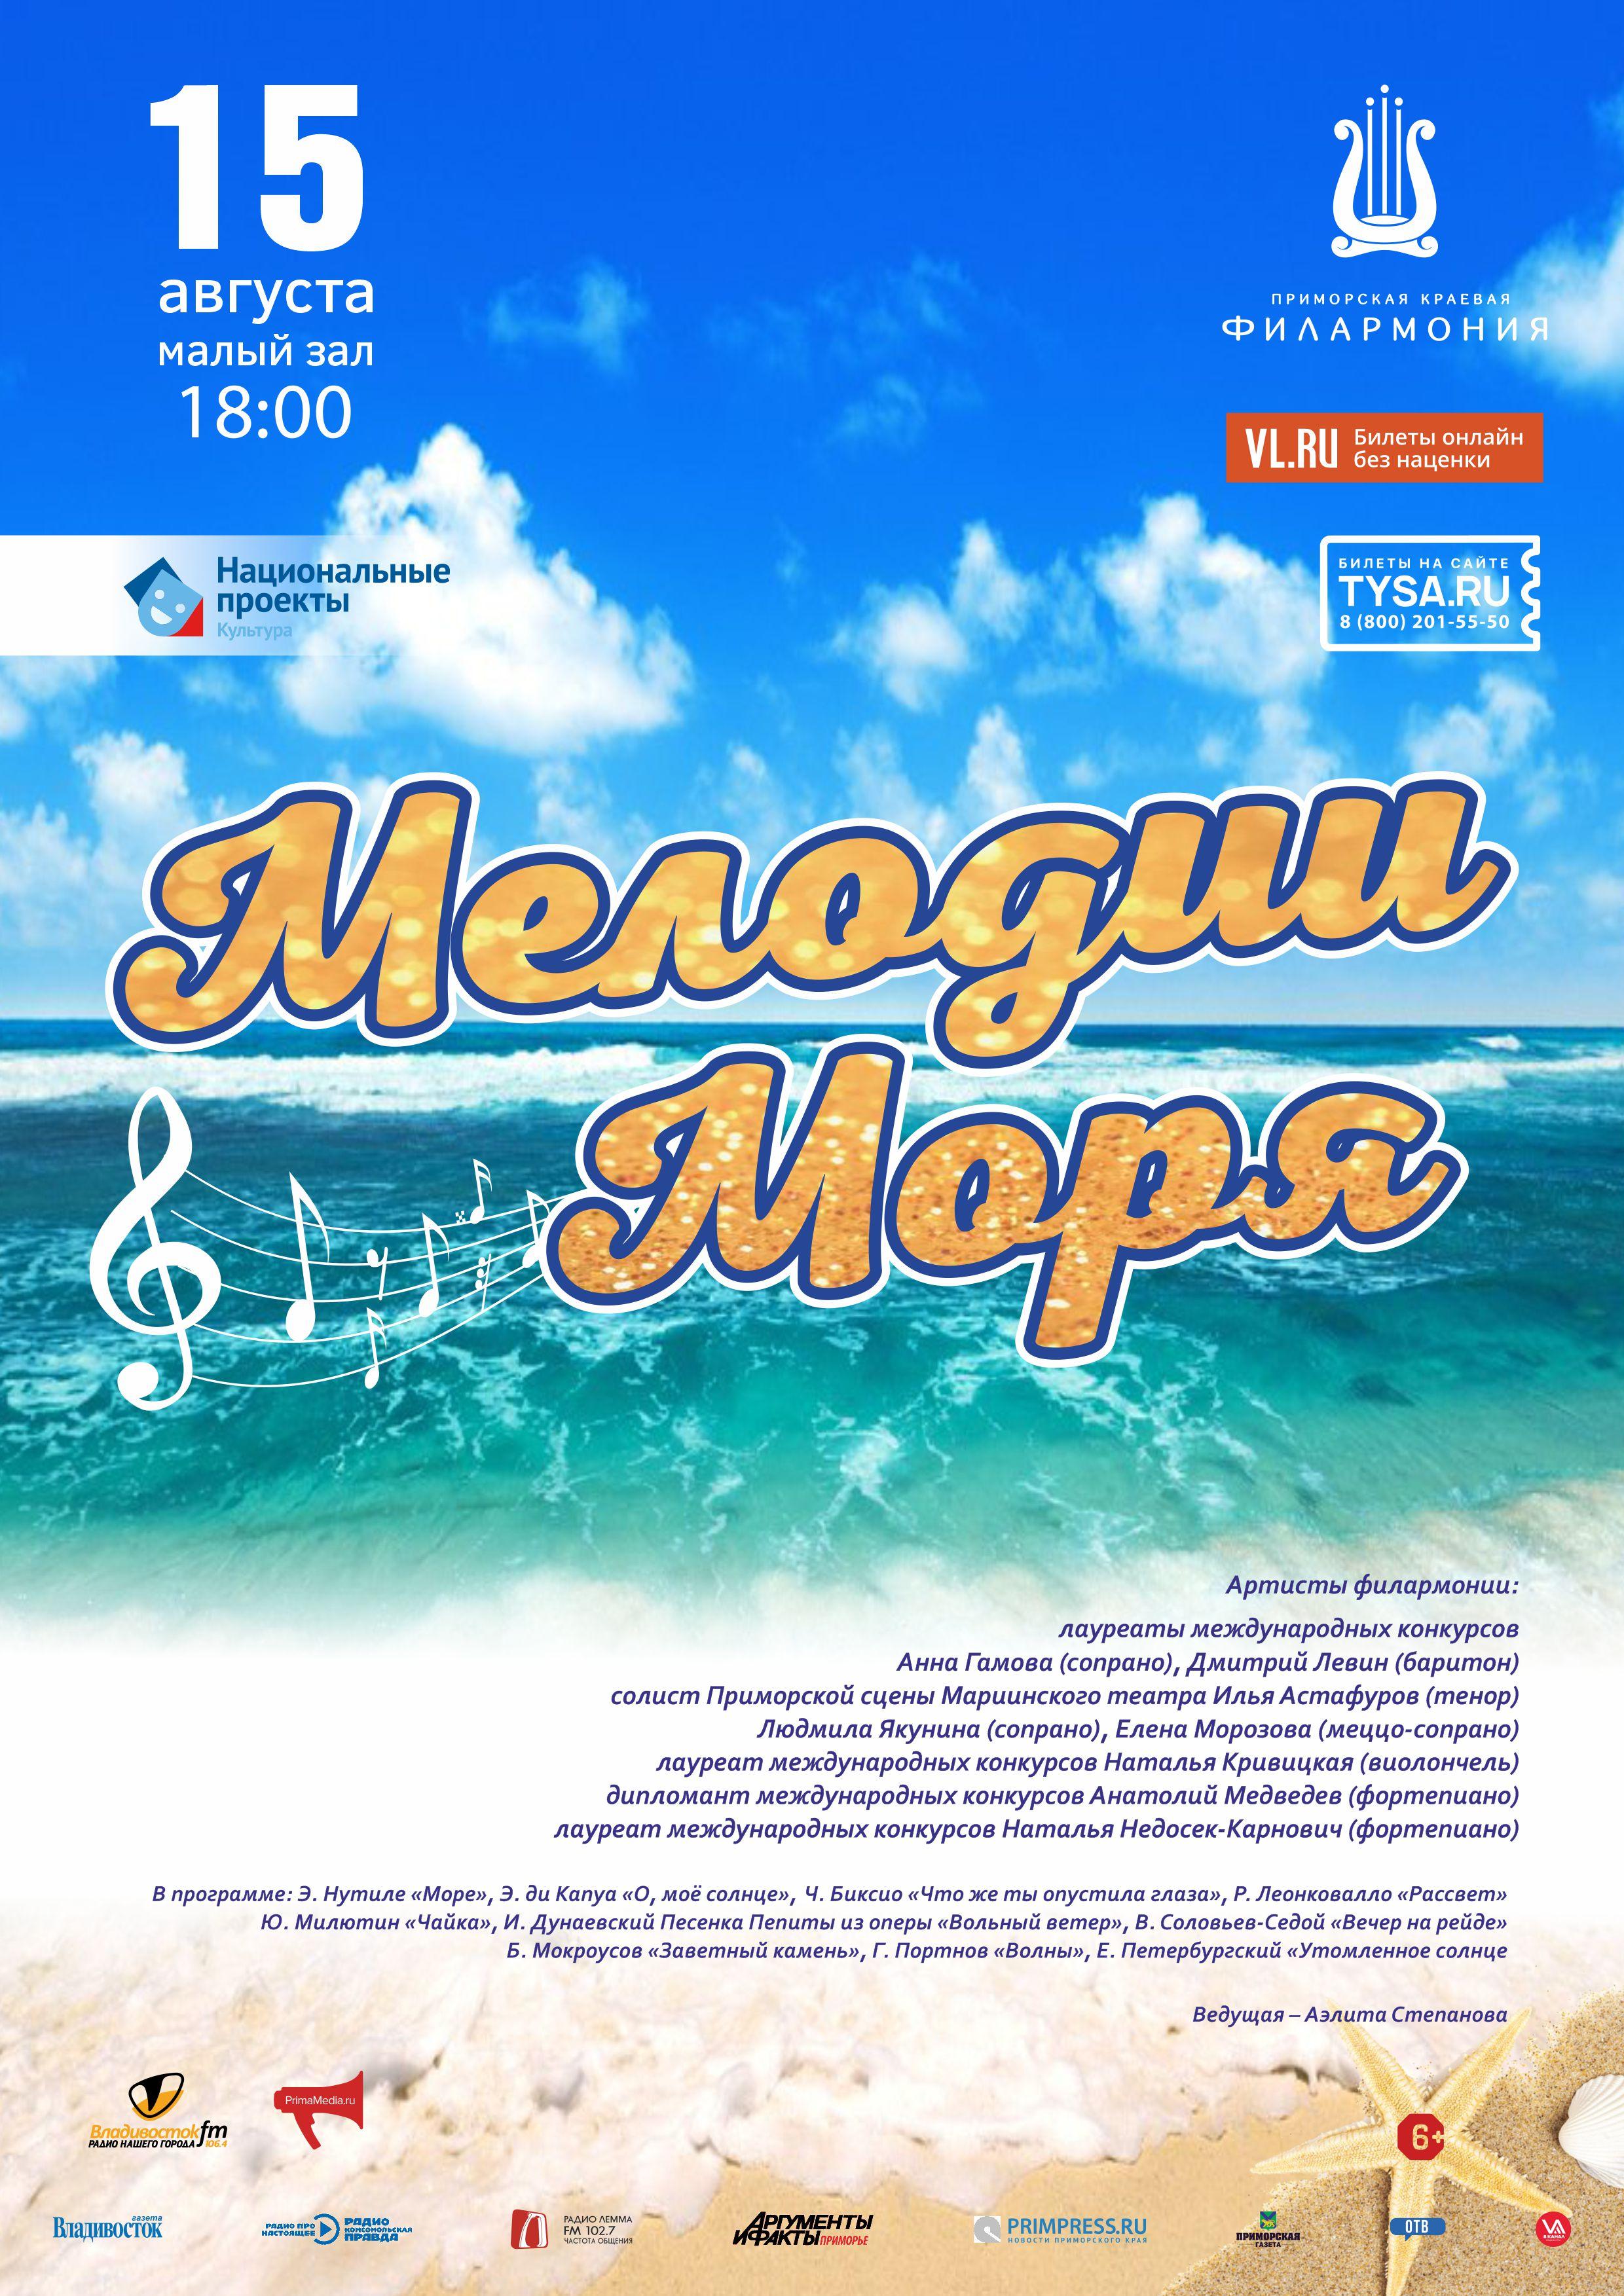 15 августа. Концертная программа «Мелодии моря»